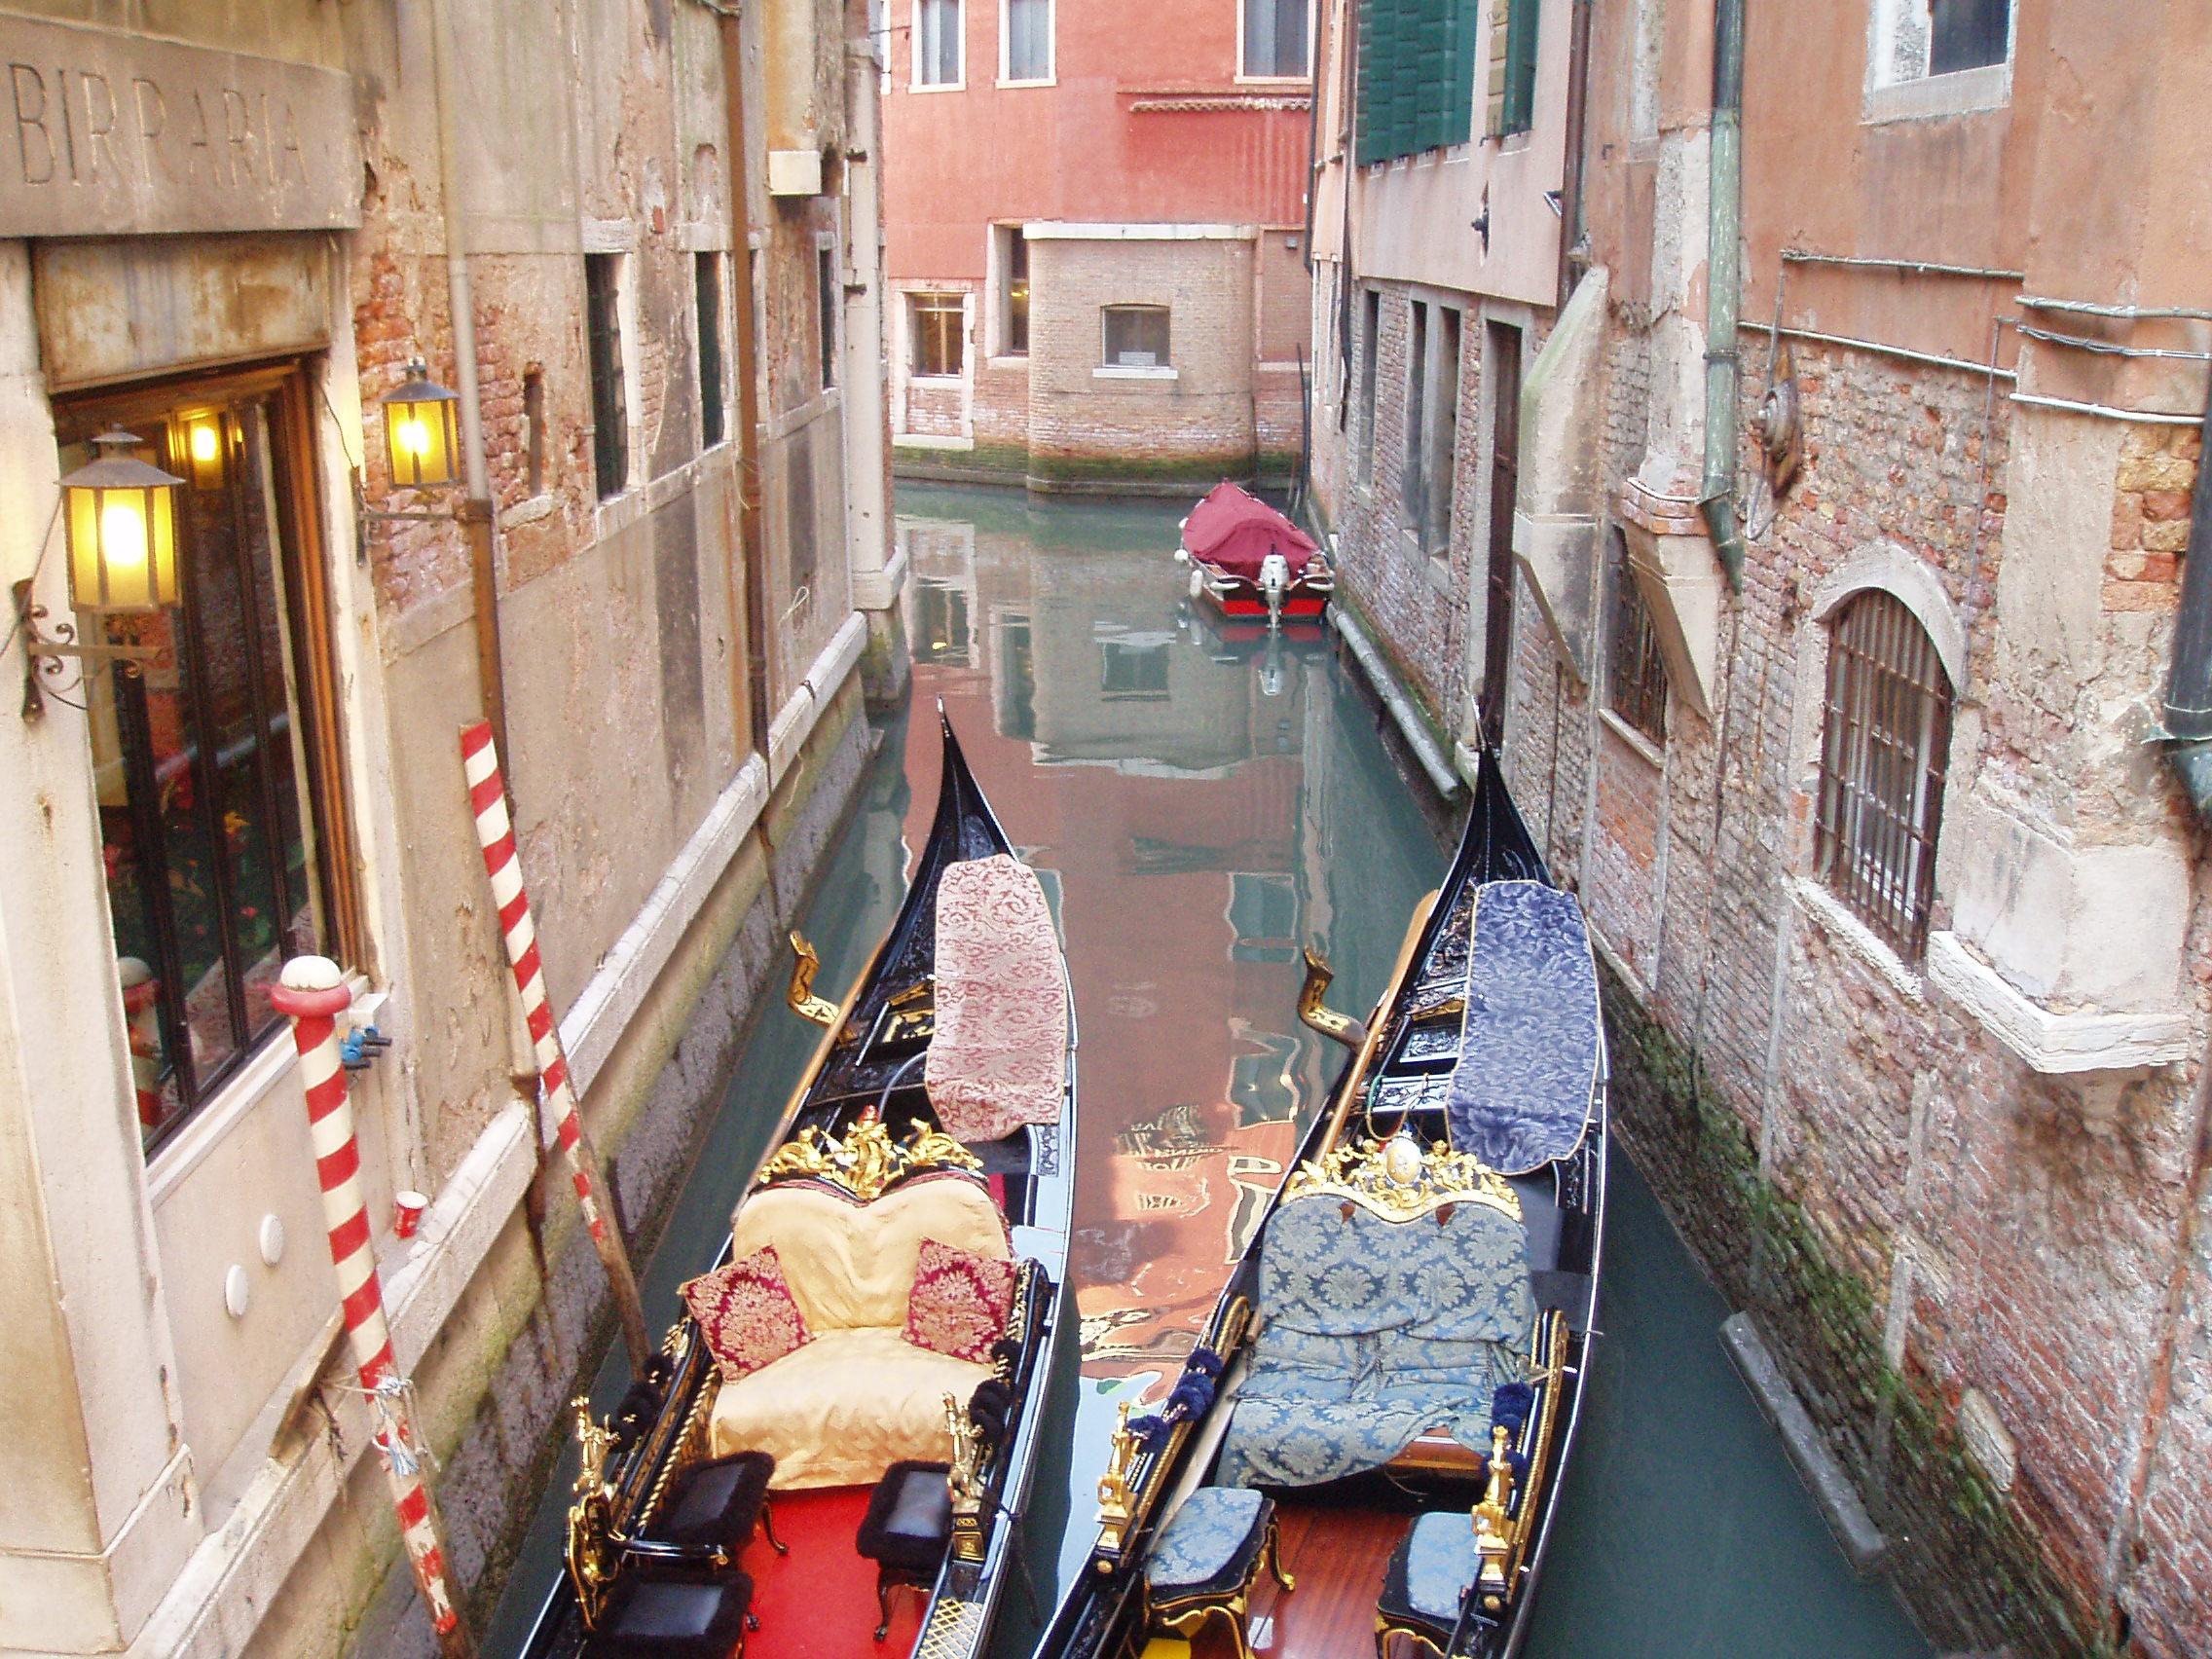 24bb79d71 Archivo Canal en Venecia con gondolas - Italia12004 045.jpg ...